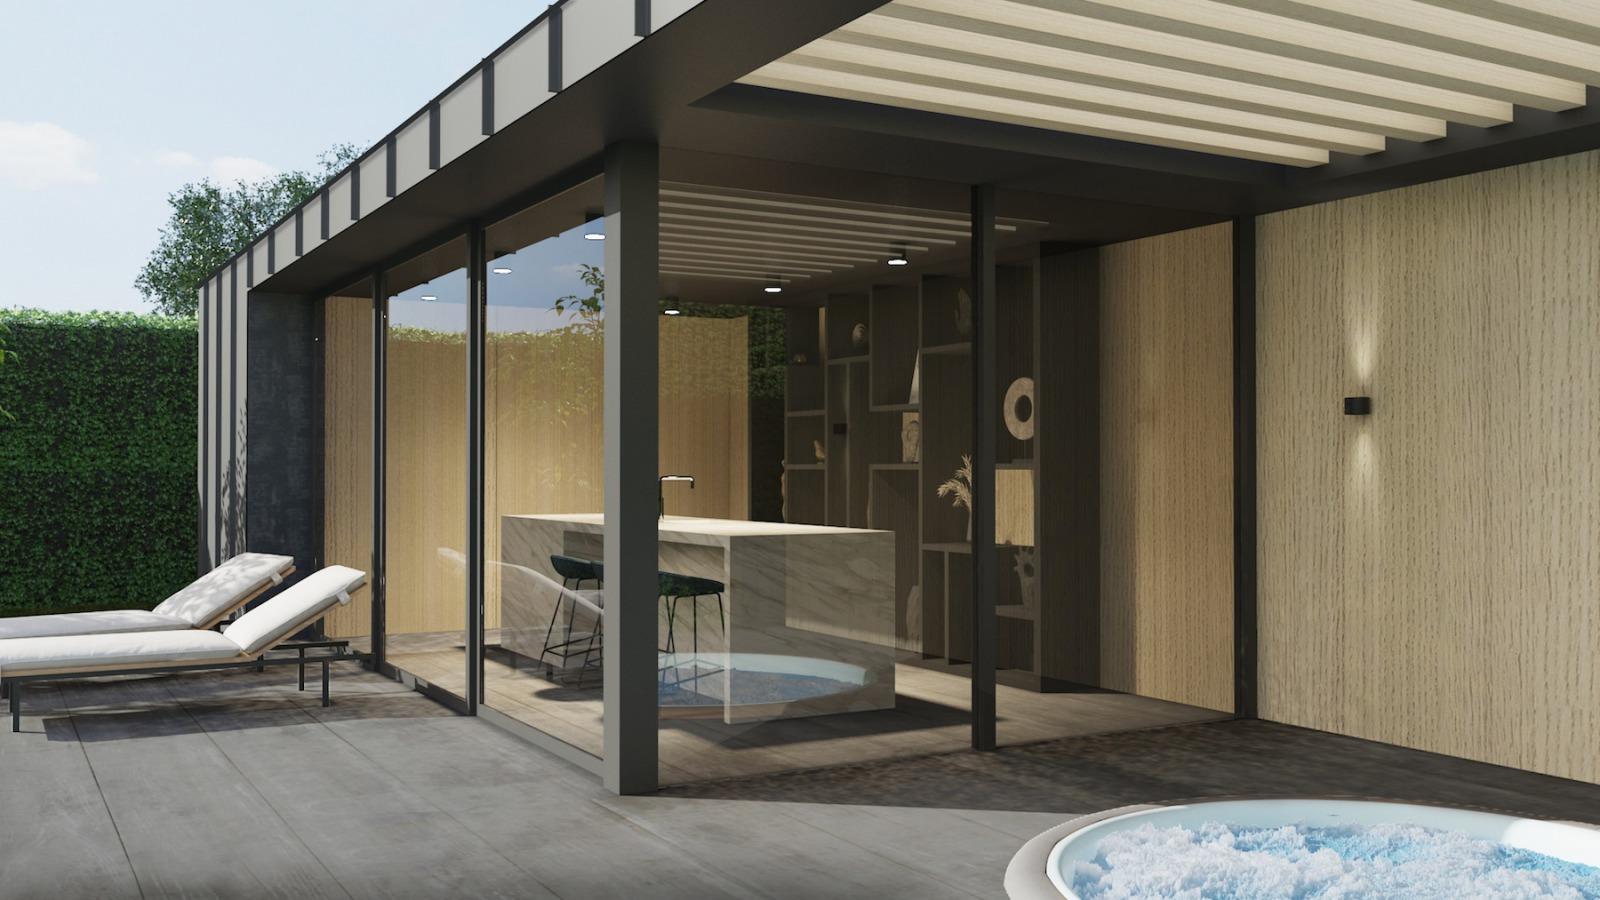 Ontwerp villa nijmegen poolhouse bouwen door architect